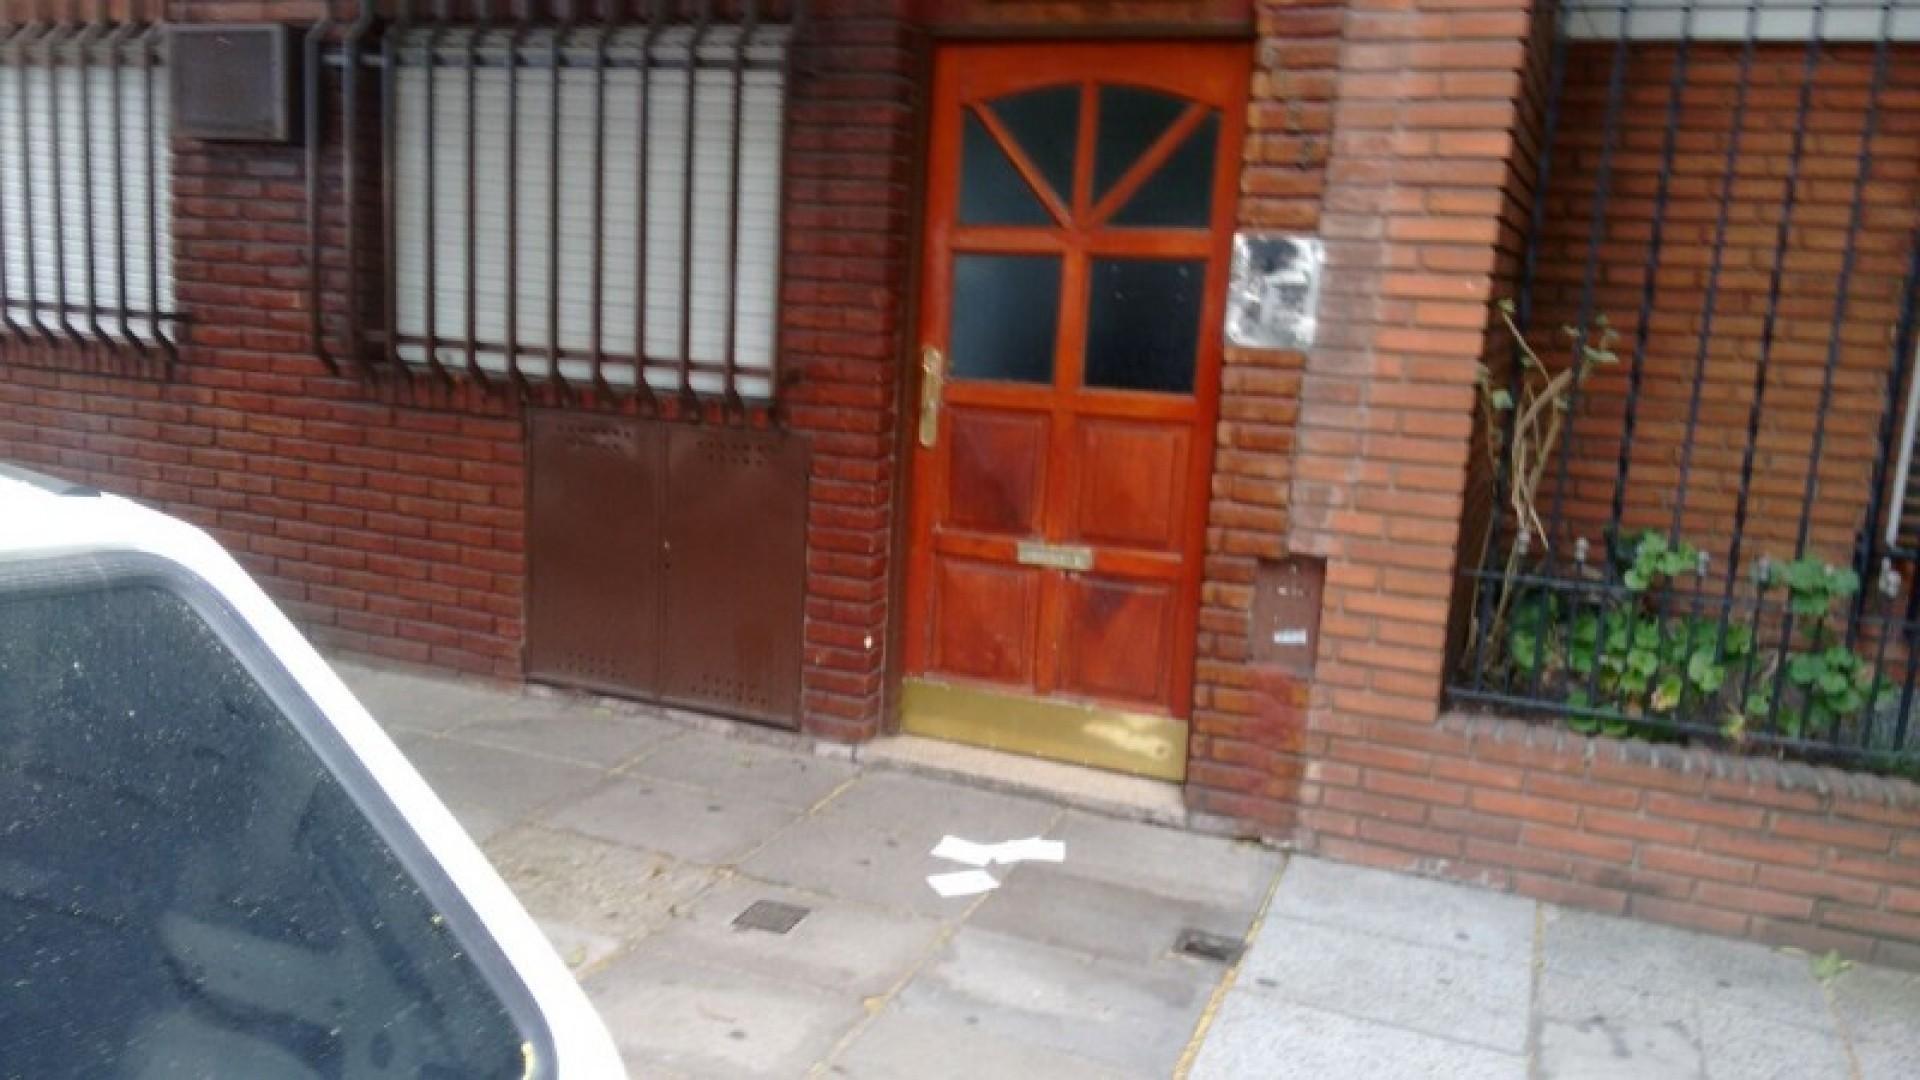 DEPARTAMENTO DE 2 AMBIENTES EN EXCELENTE ESTADO